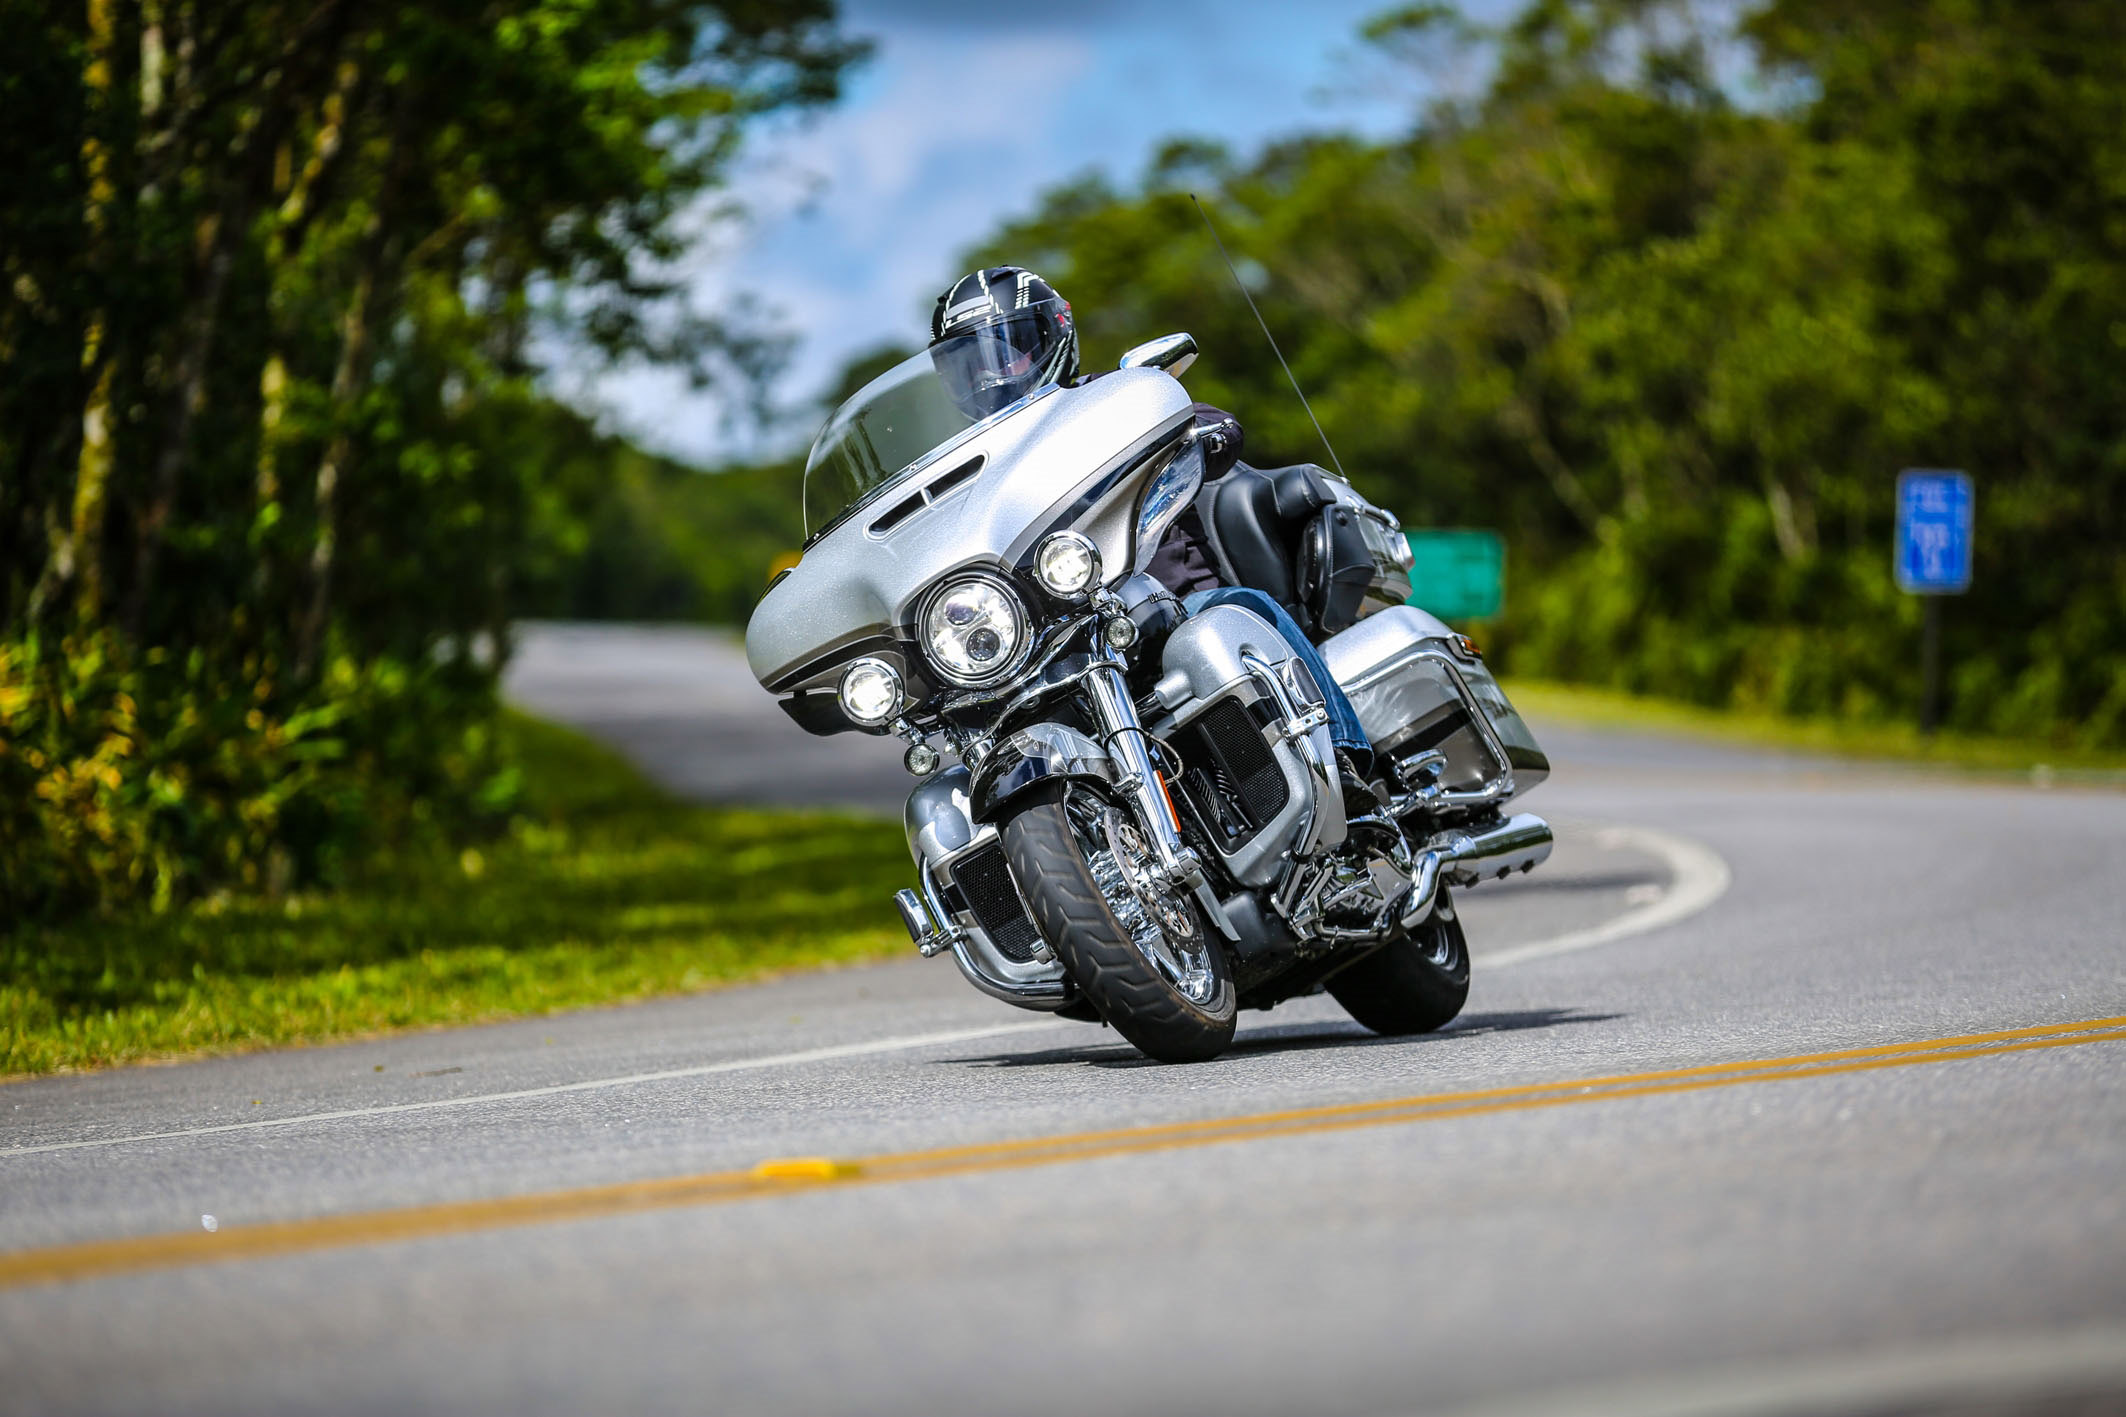 Harley-Davisdon CVO Ultra